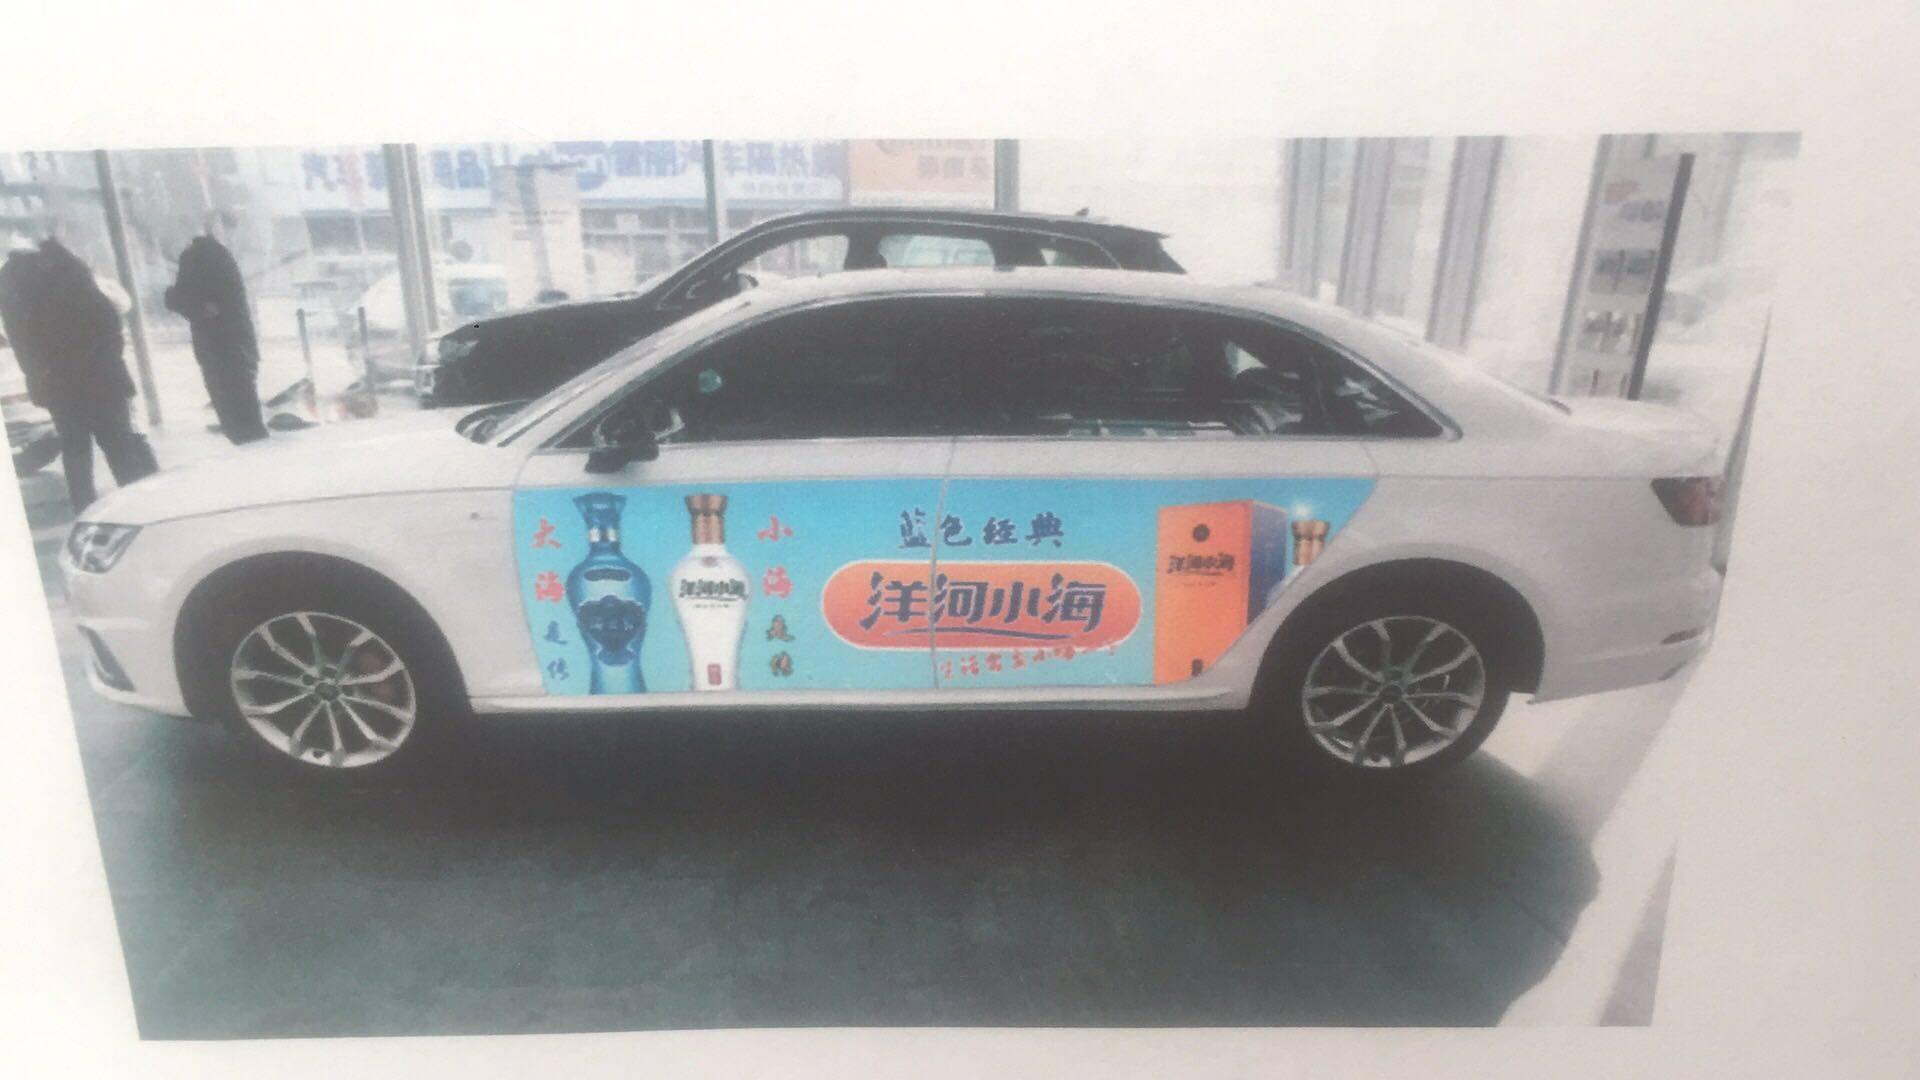 南京网约车广告